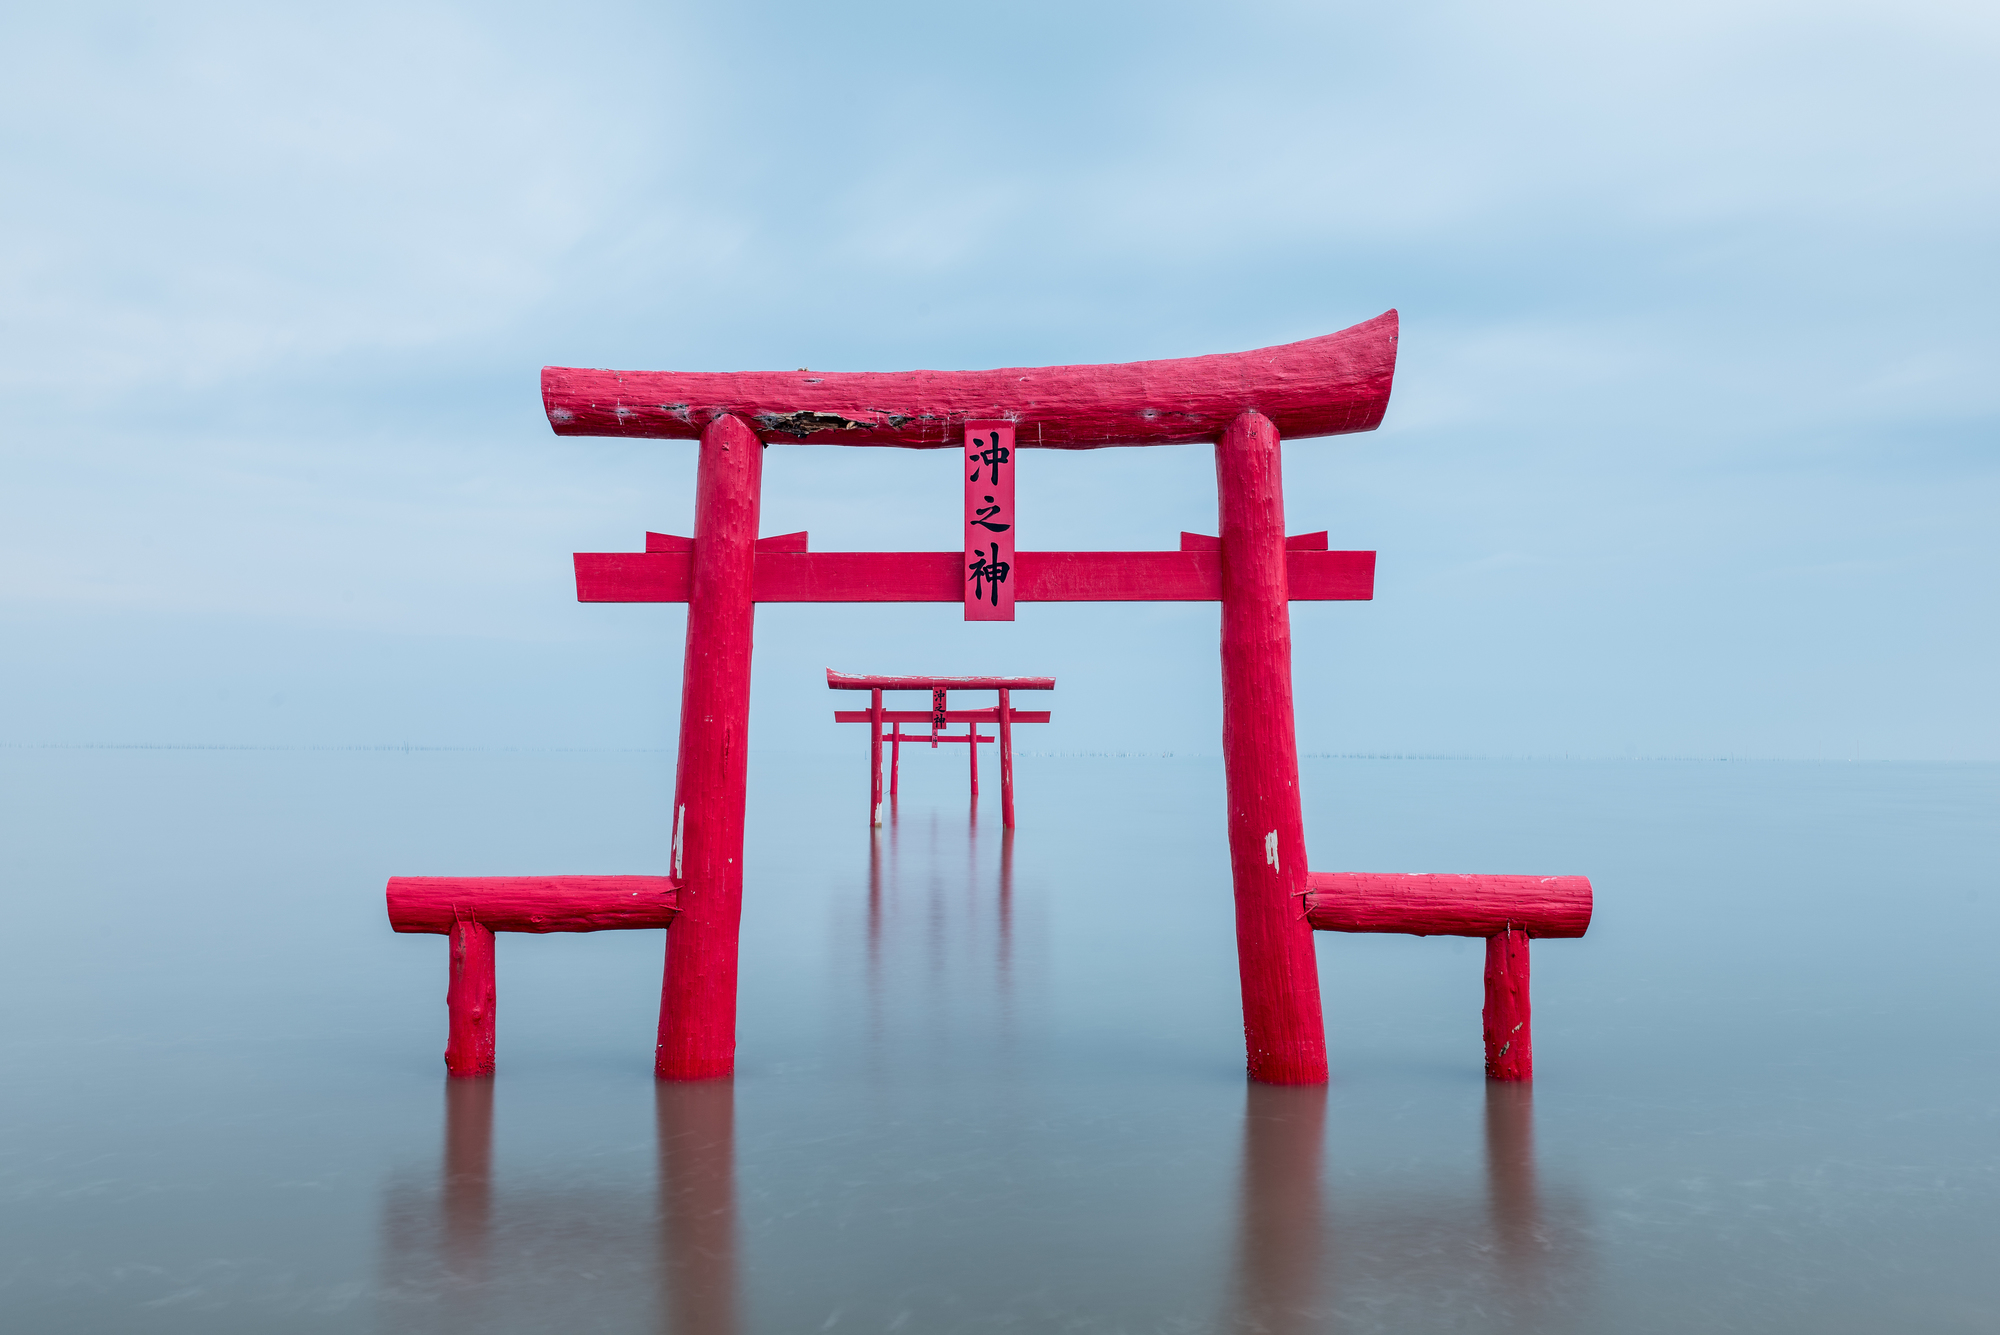 日本九州自由行攻略之玩转九州